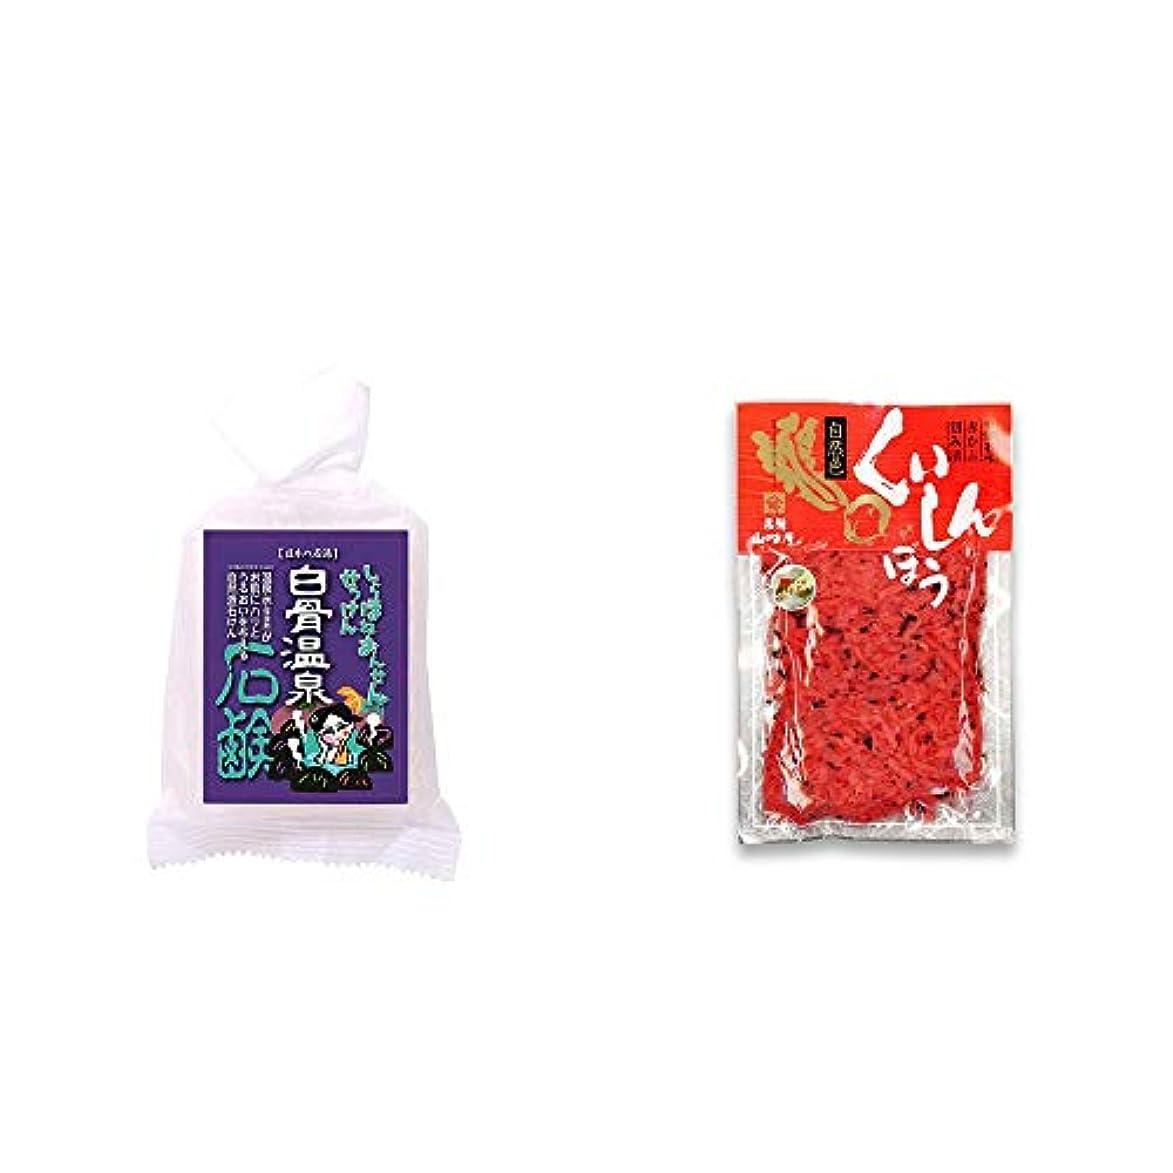 ハンカチずらす致死[2点セット] 信州 白骨温泉石鹸(80g)?飛騨山味屋 くいしんぼう【小】 (160g)